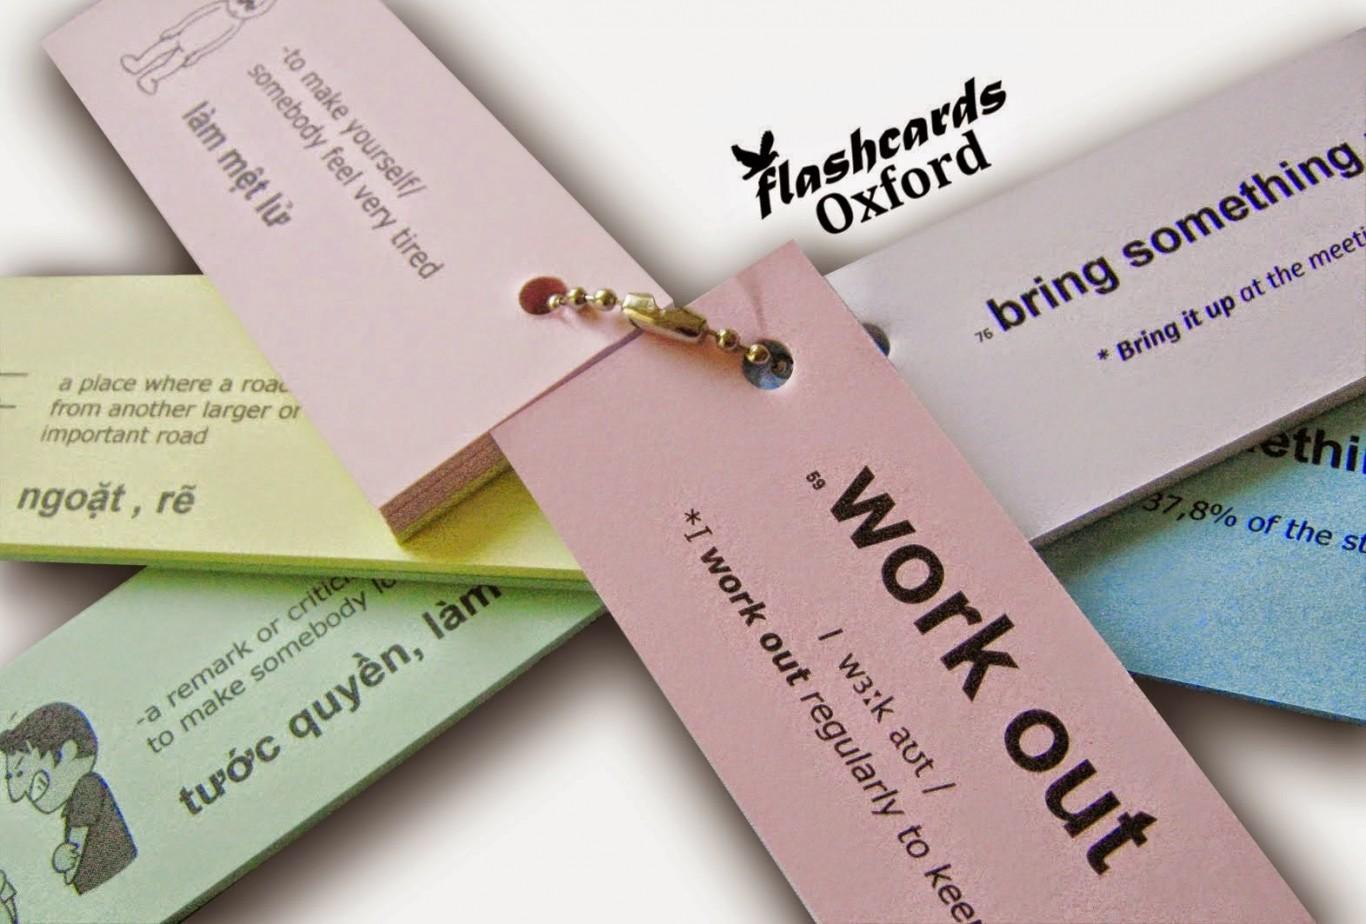 Dùng flashcard để ghi nhớ từ mới